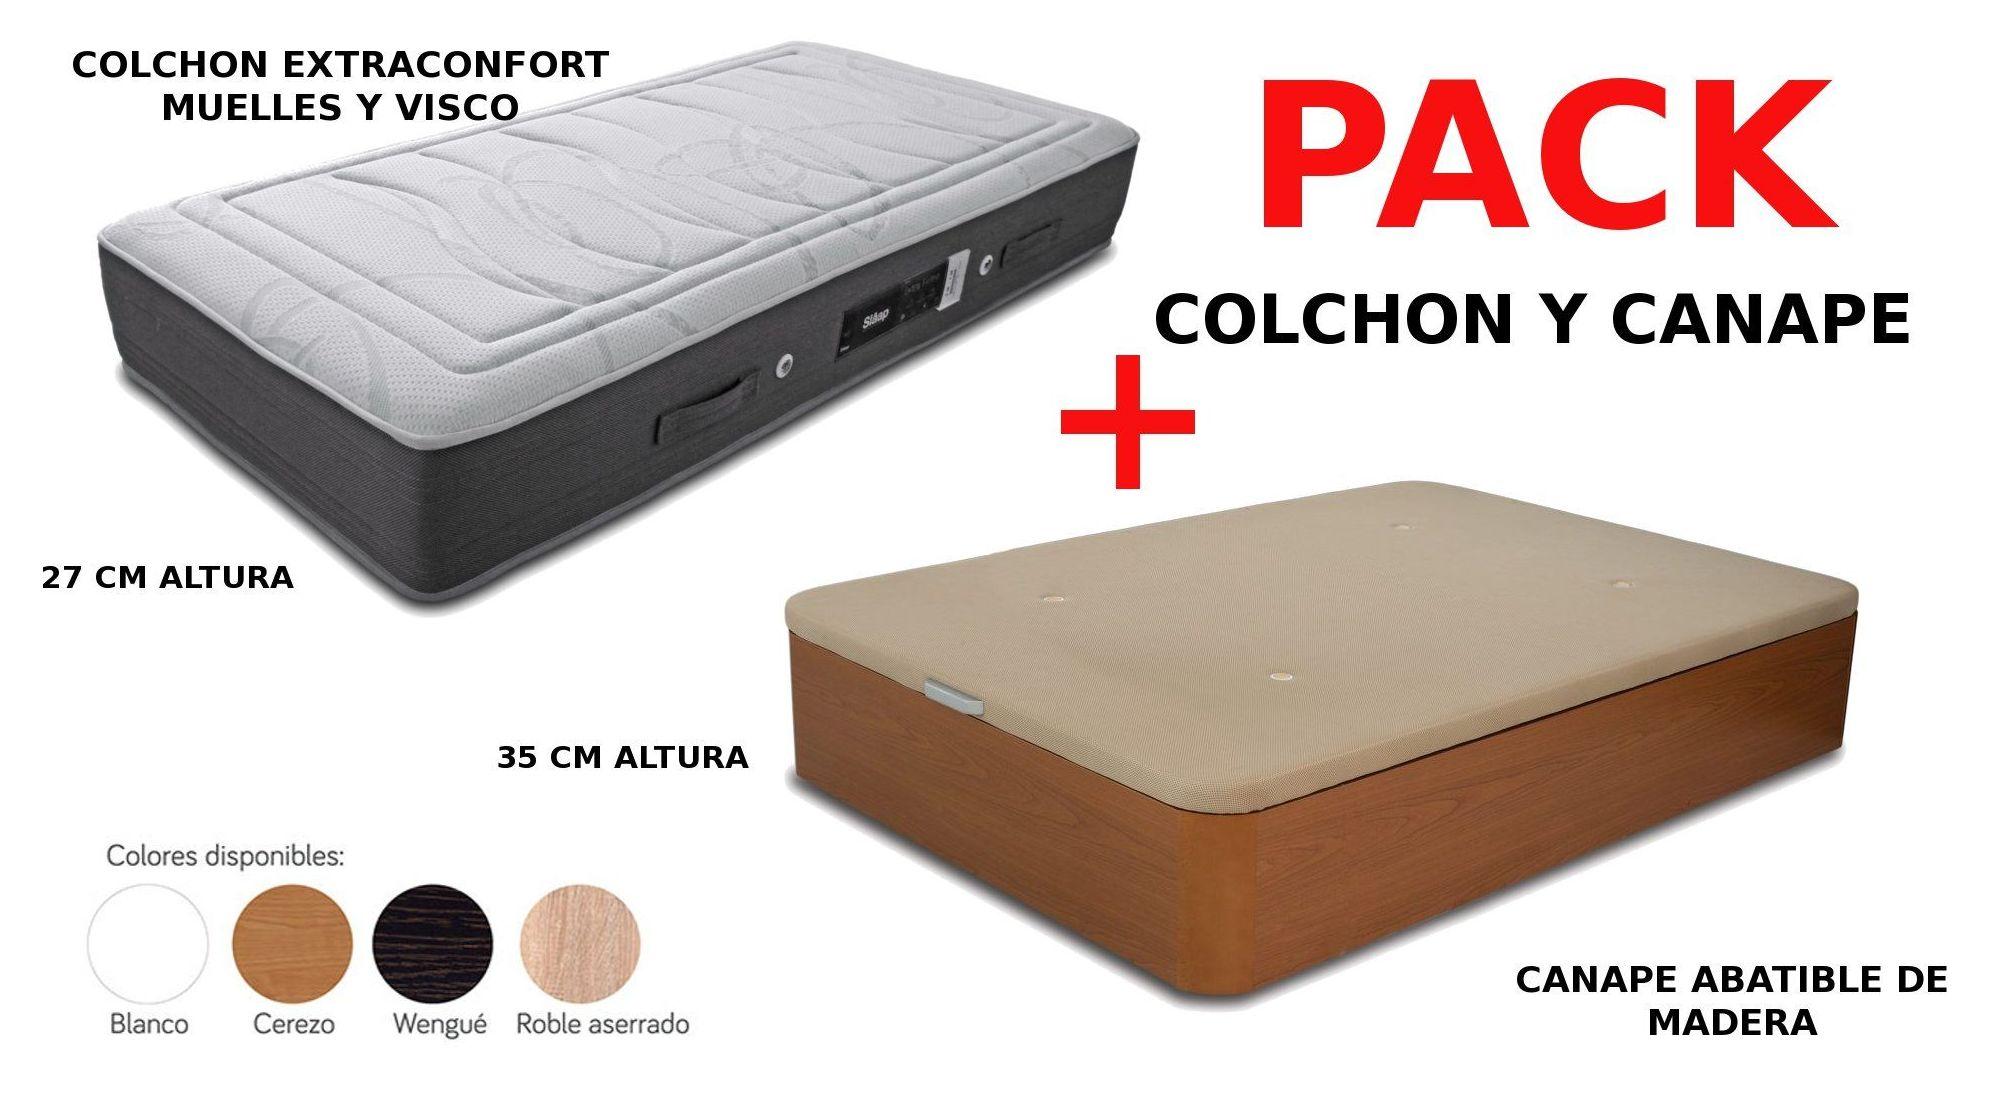 EV Colchonería: Conjuntos colchón y canapé desde 366 €